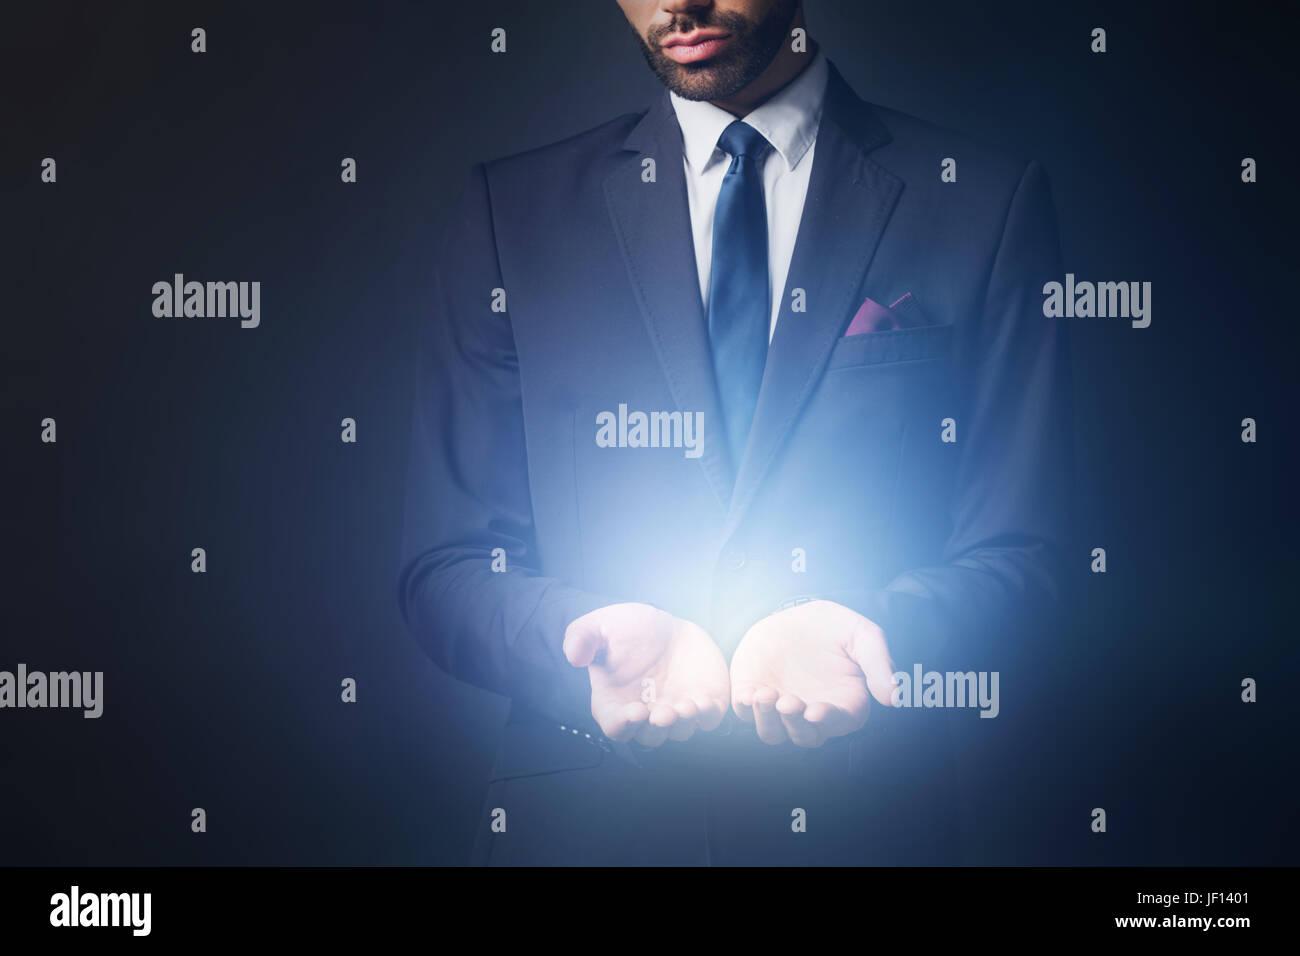 Licht strahlt von Geschäftsmann Hände. Neue Idee, erstklassige Produktkonzept. Stockbild